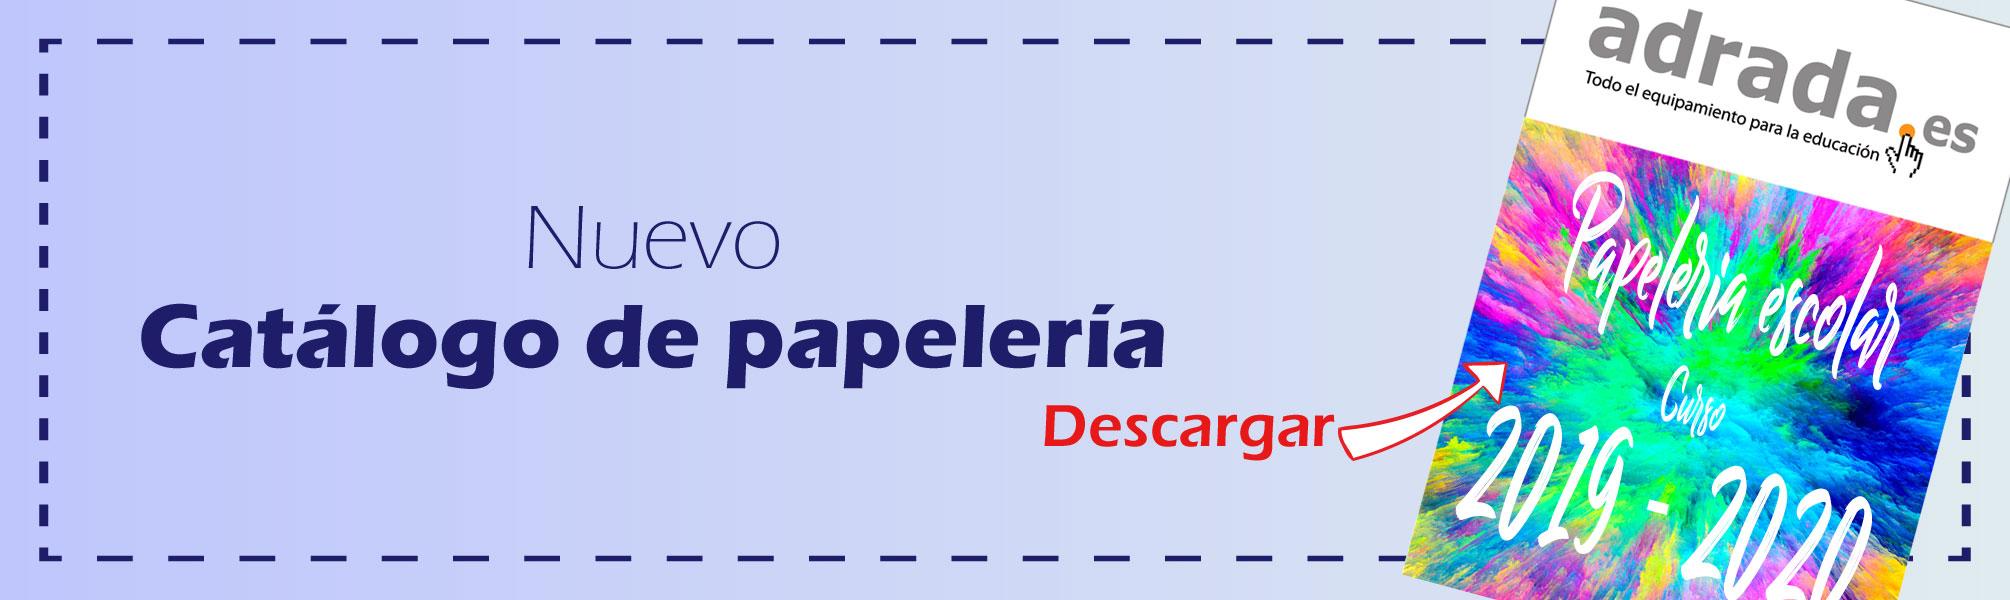 Nuevo catálogo de papelería para descargar